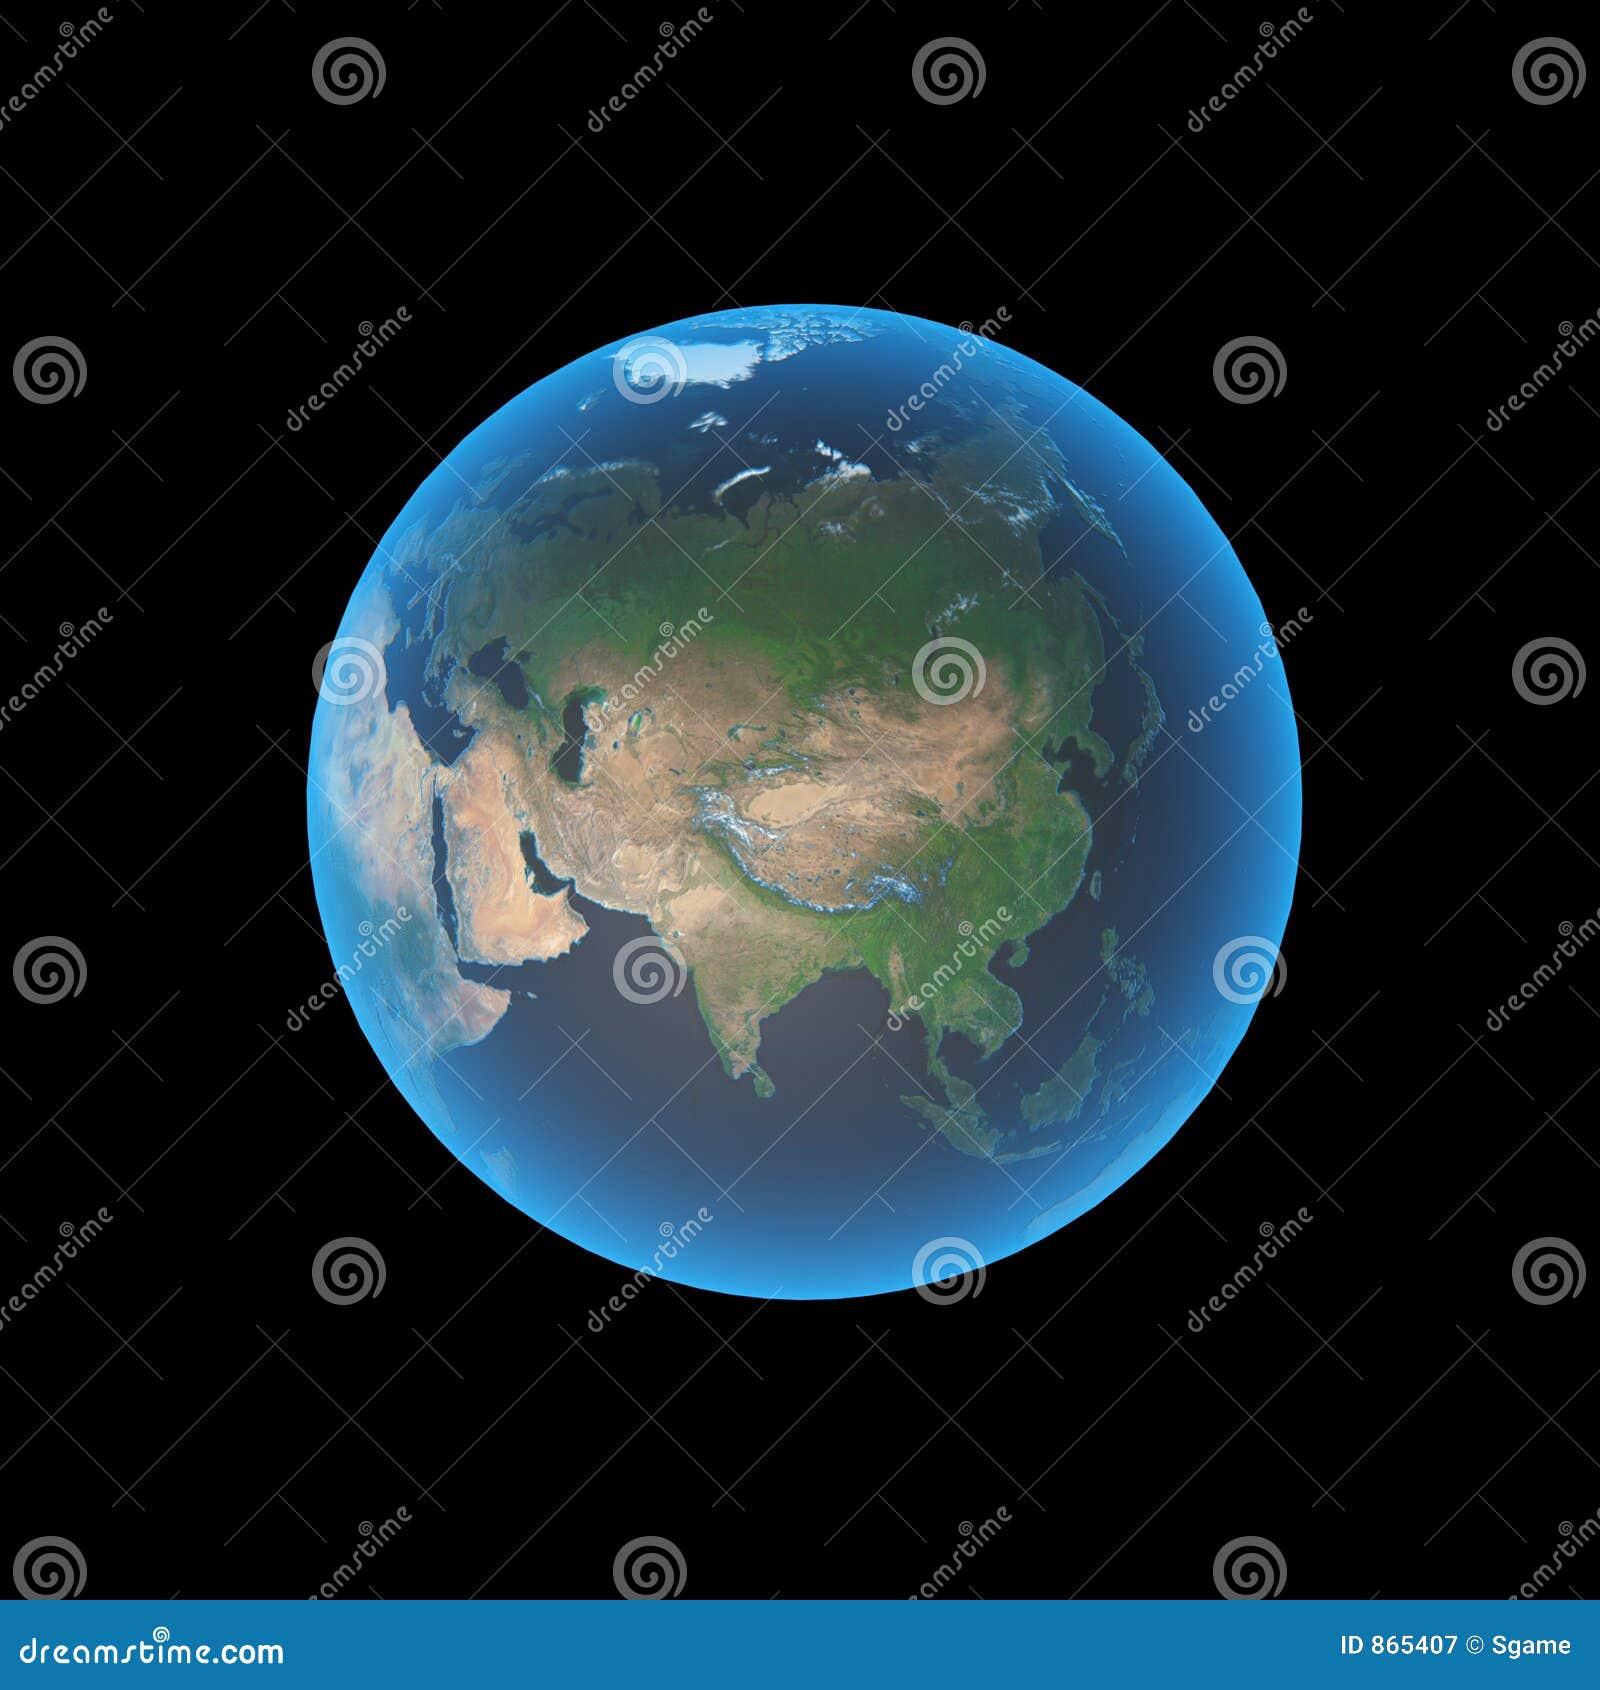 Asia earth